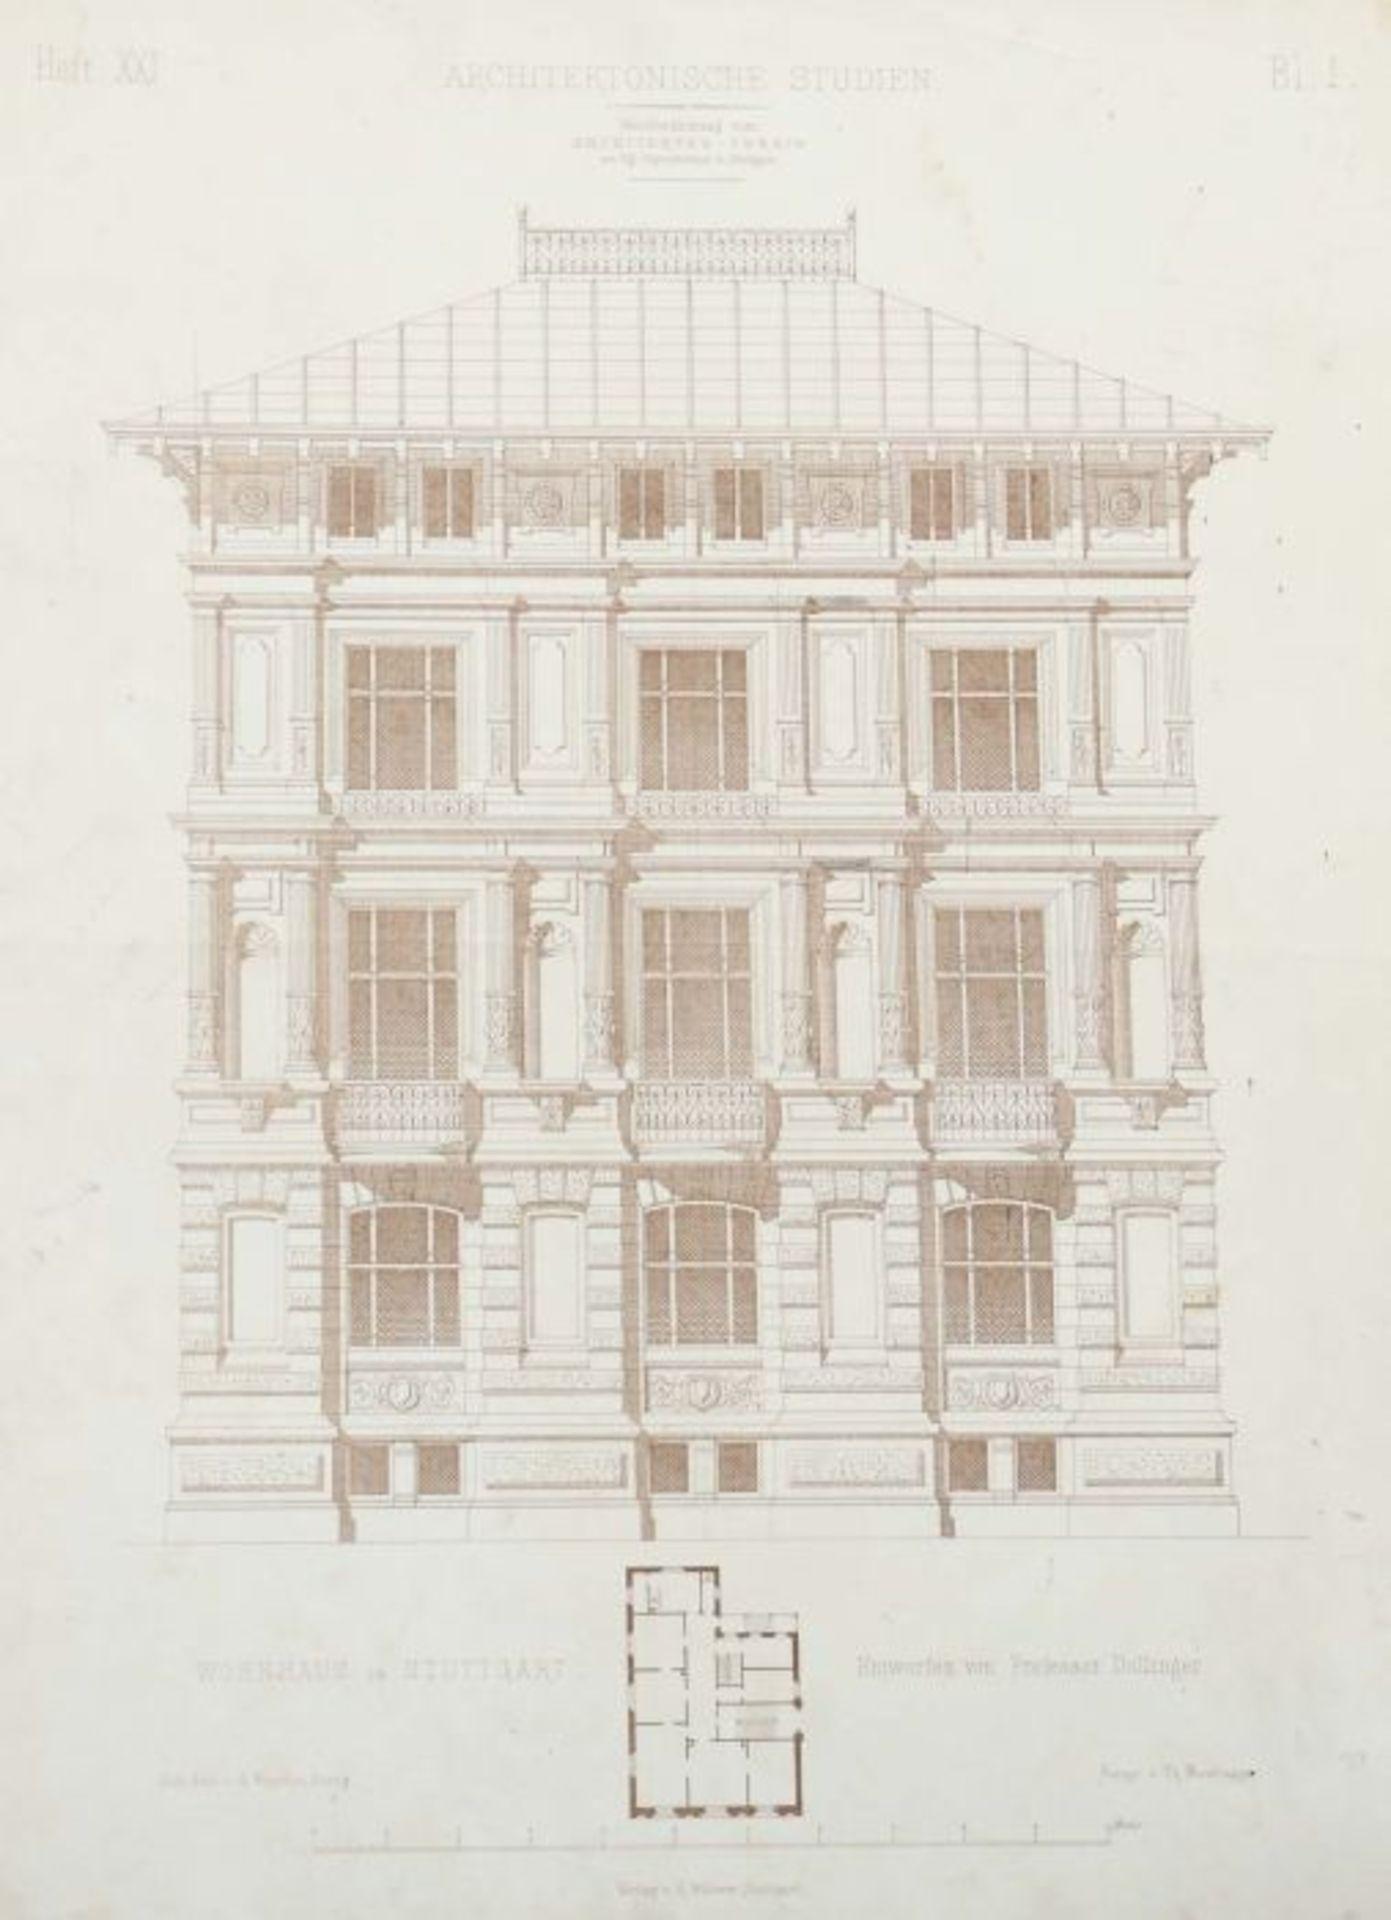 Architektonische Studien Herausgegeben vom Architektenverein am Kgl. Polytechnikum zu Stuttgart, - Bild 6 aus 10